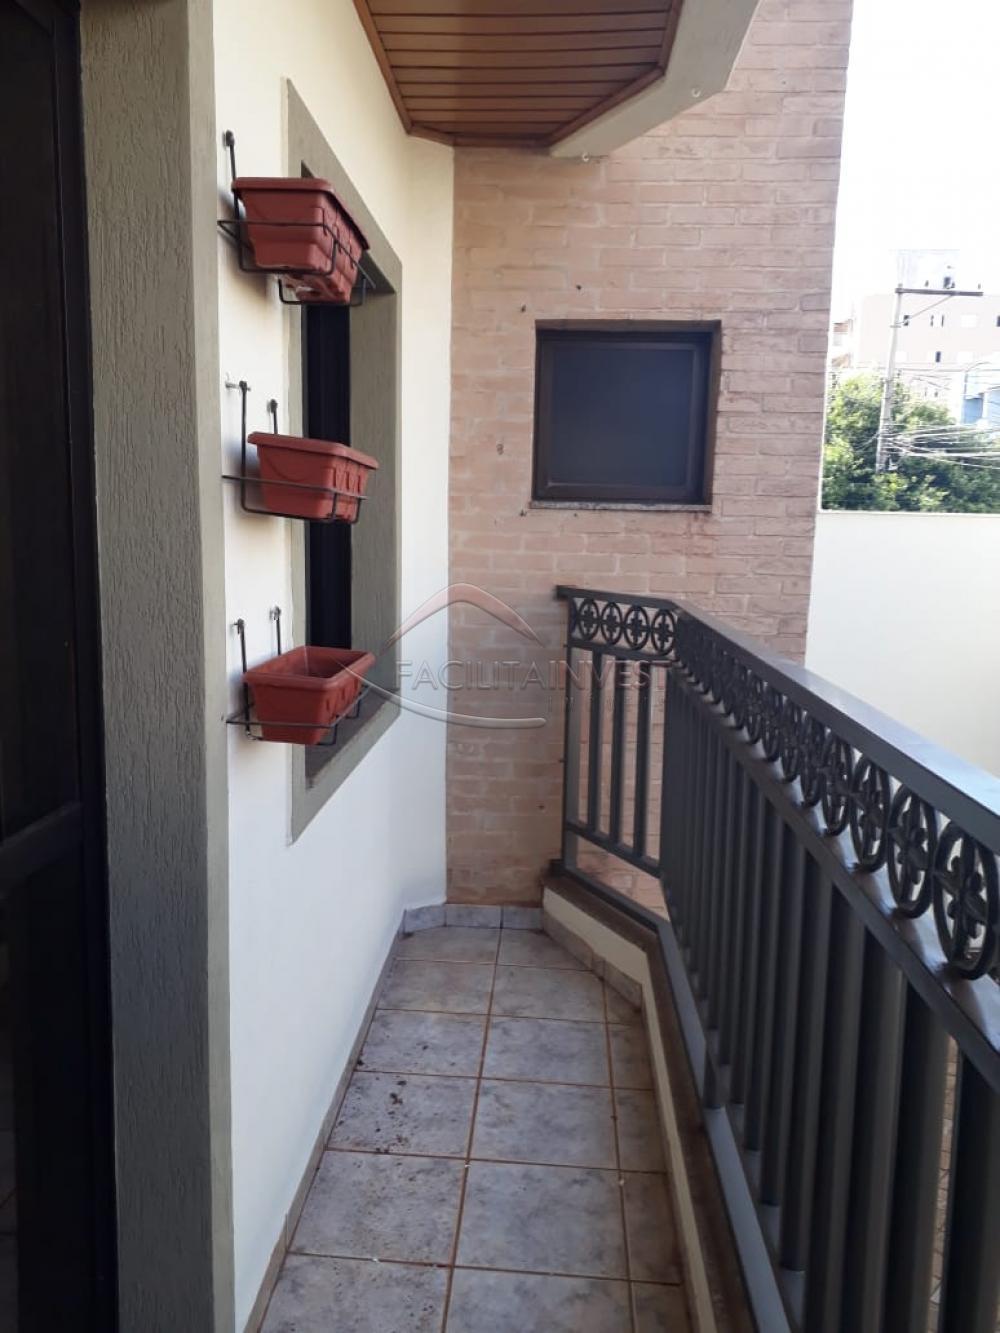 Comprar Apartamentos / Apart. Padrão em Ribeirão Preto apenas R$ 279.000,00 - Foto 15